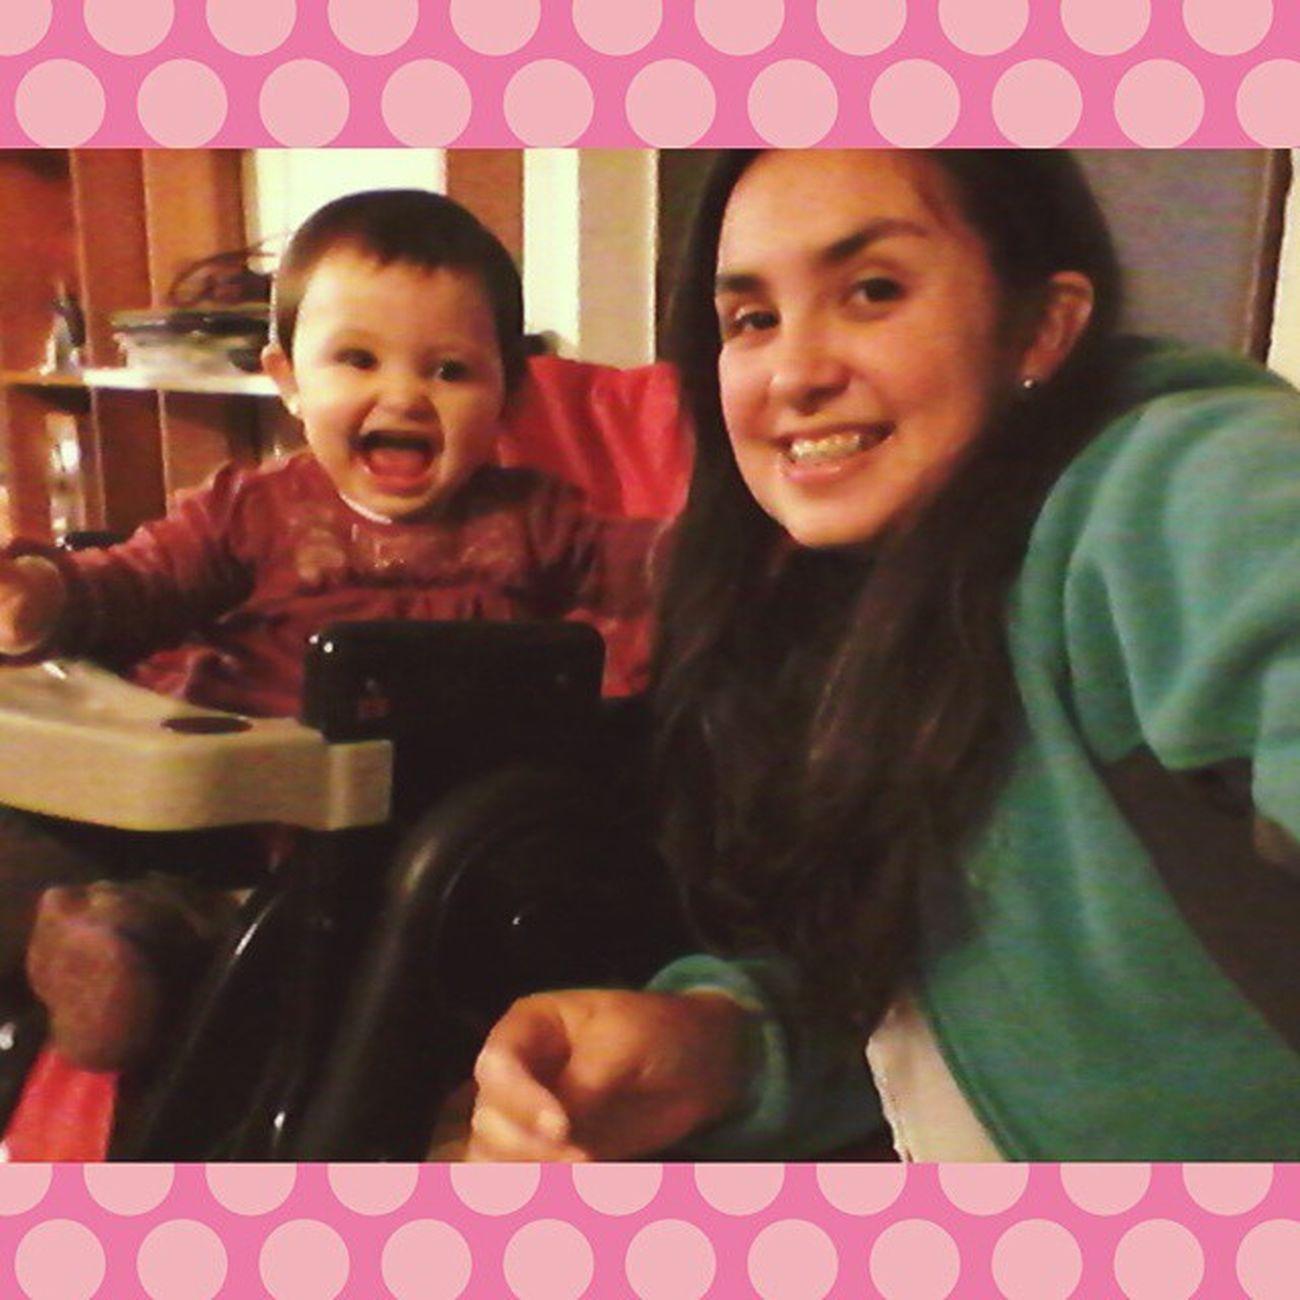 1 año mi pequeña saltamontes 💕 🎉🎉🎉🎉 feliz cumpleaños Julietita 😘 Instachile Baby Nice Cute Happybriday